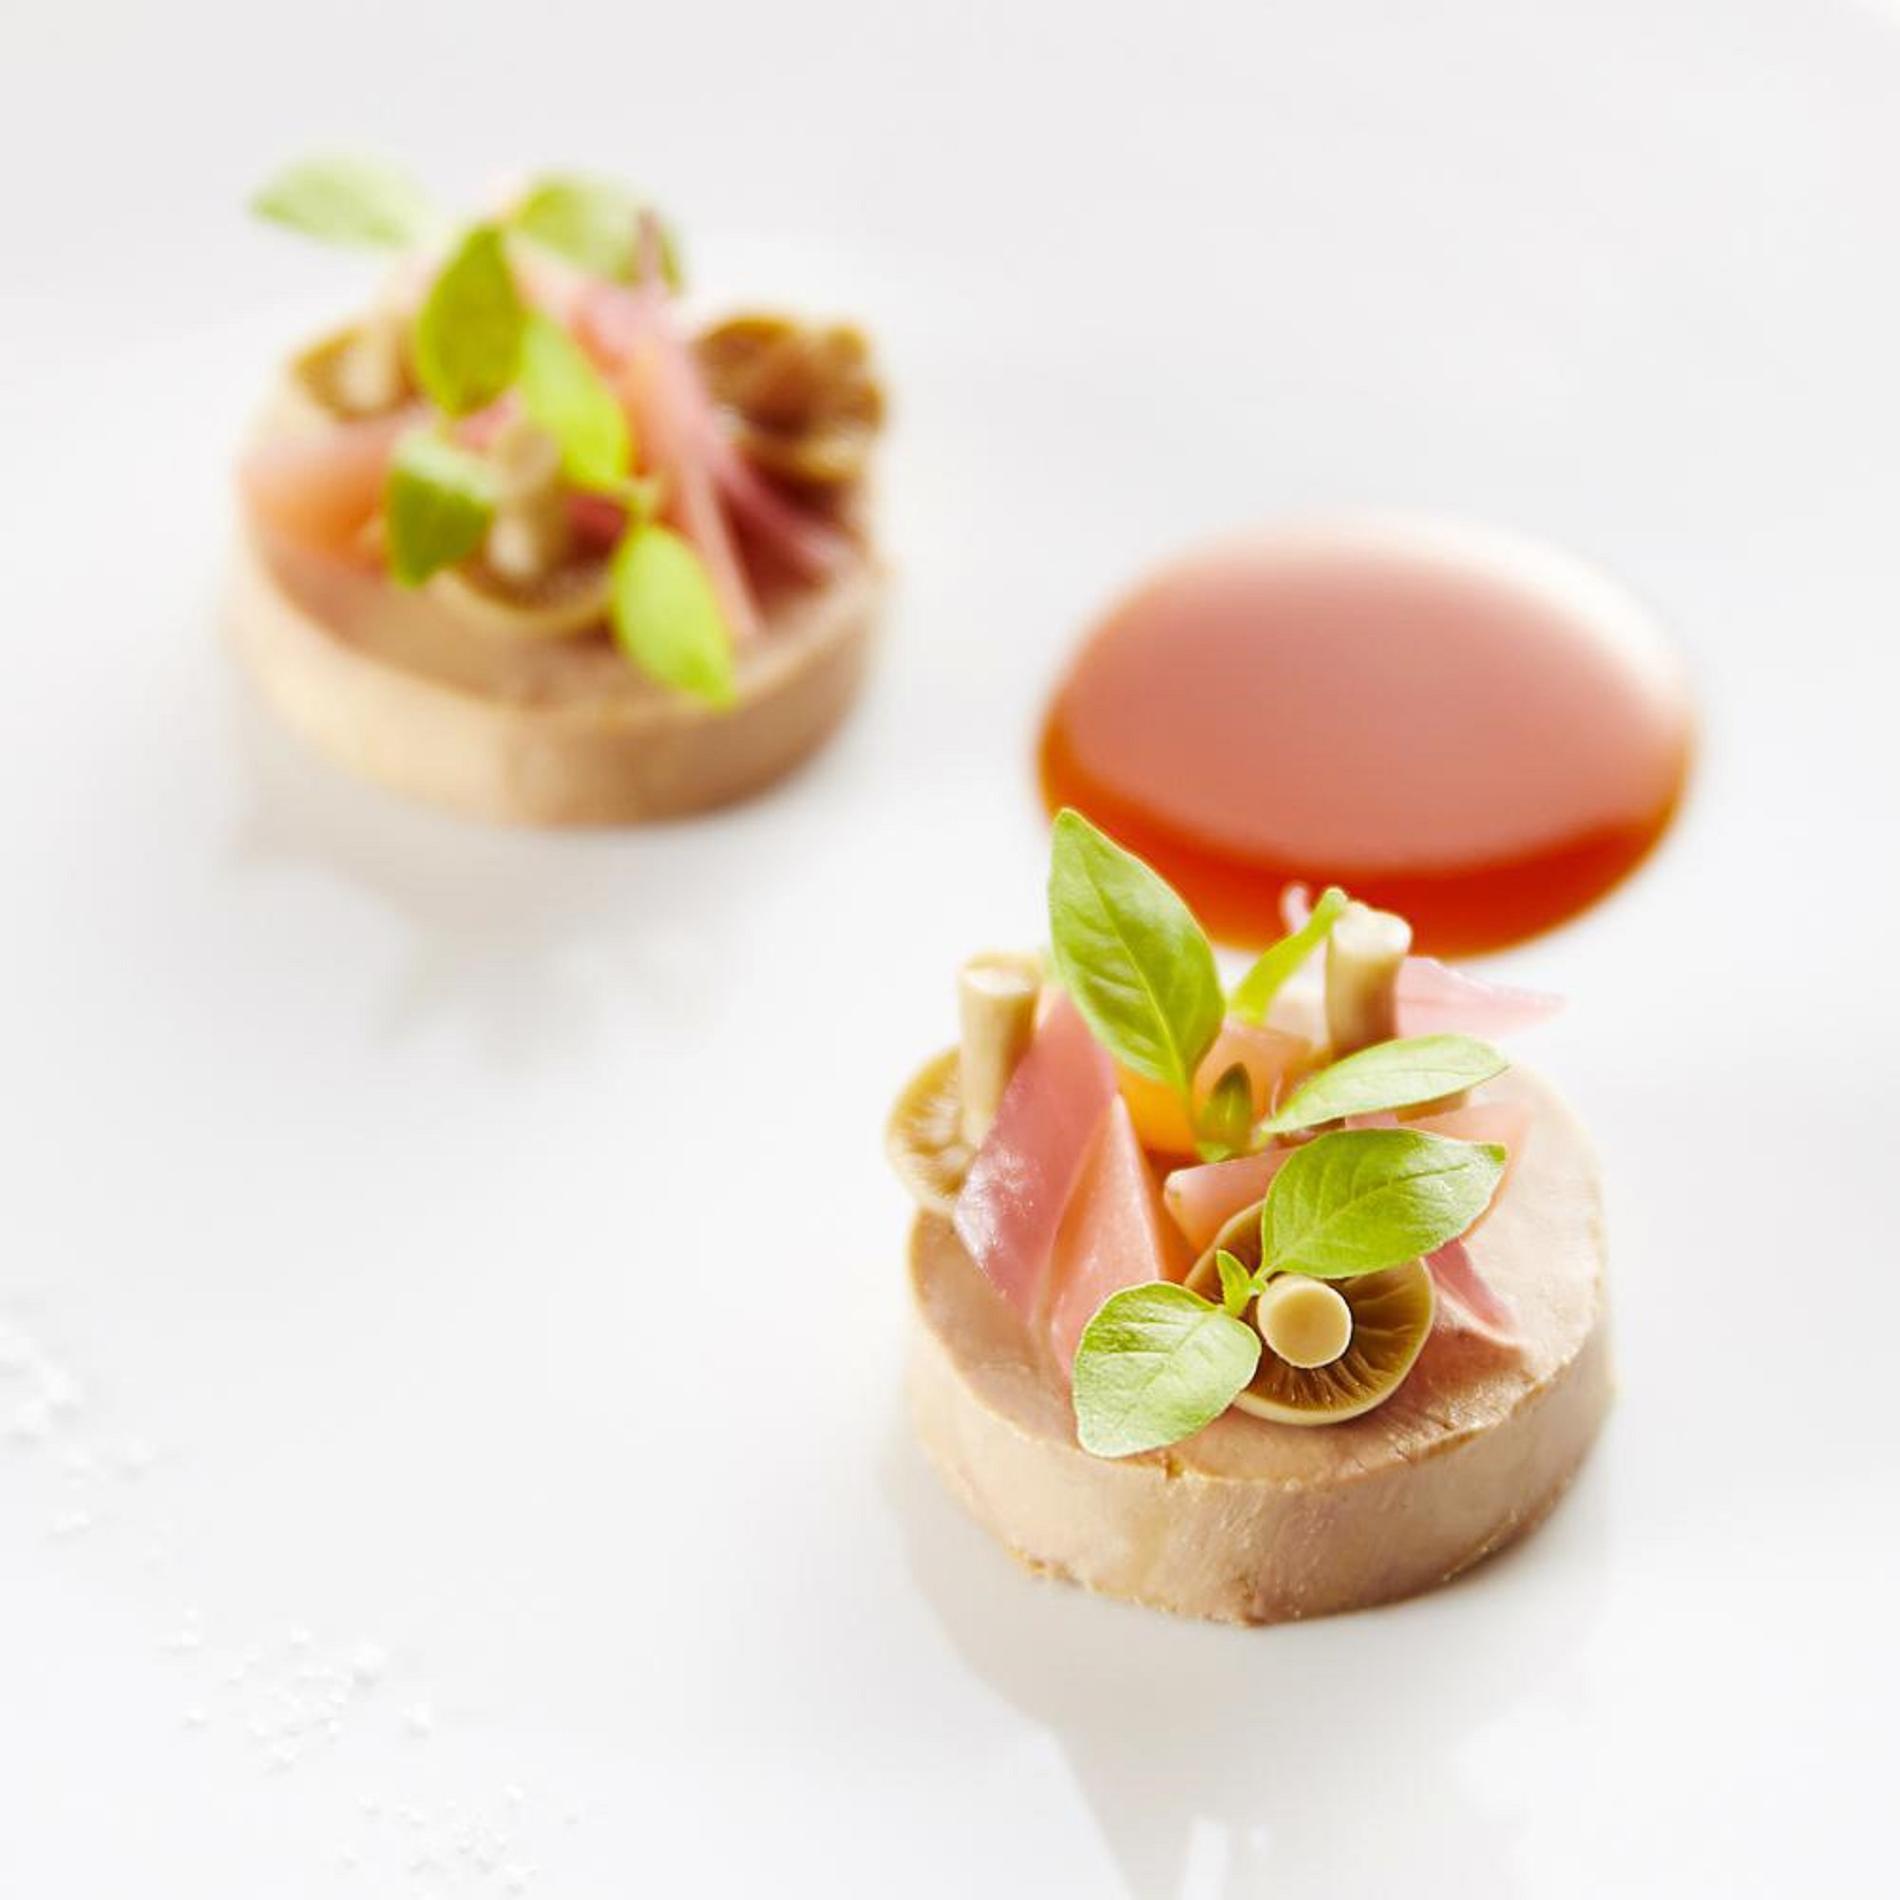 Recette foie gras d 39 oie cuit en terrine cuisine madame - Recette foie gras en terrine ...